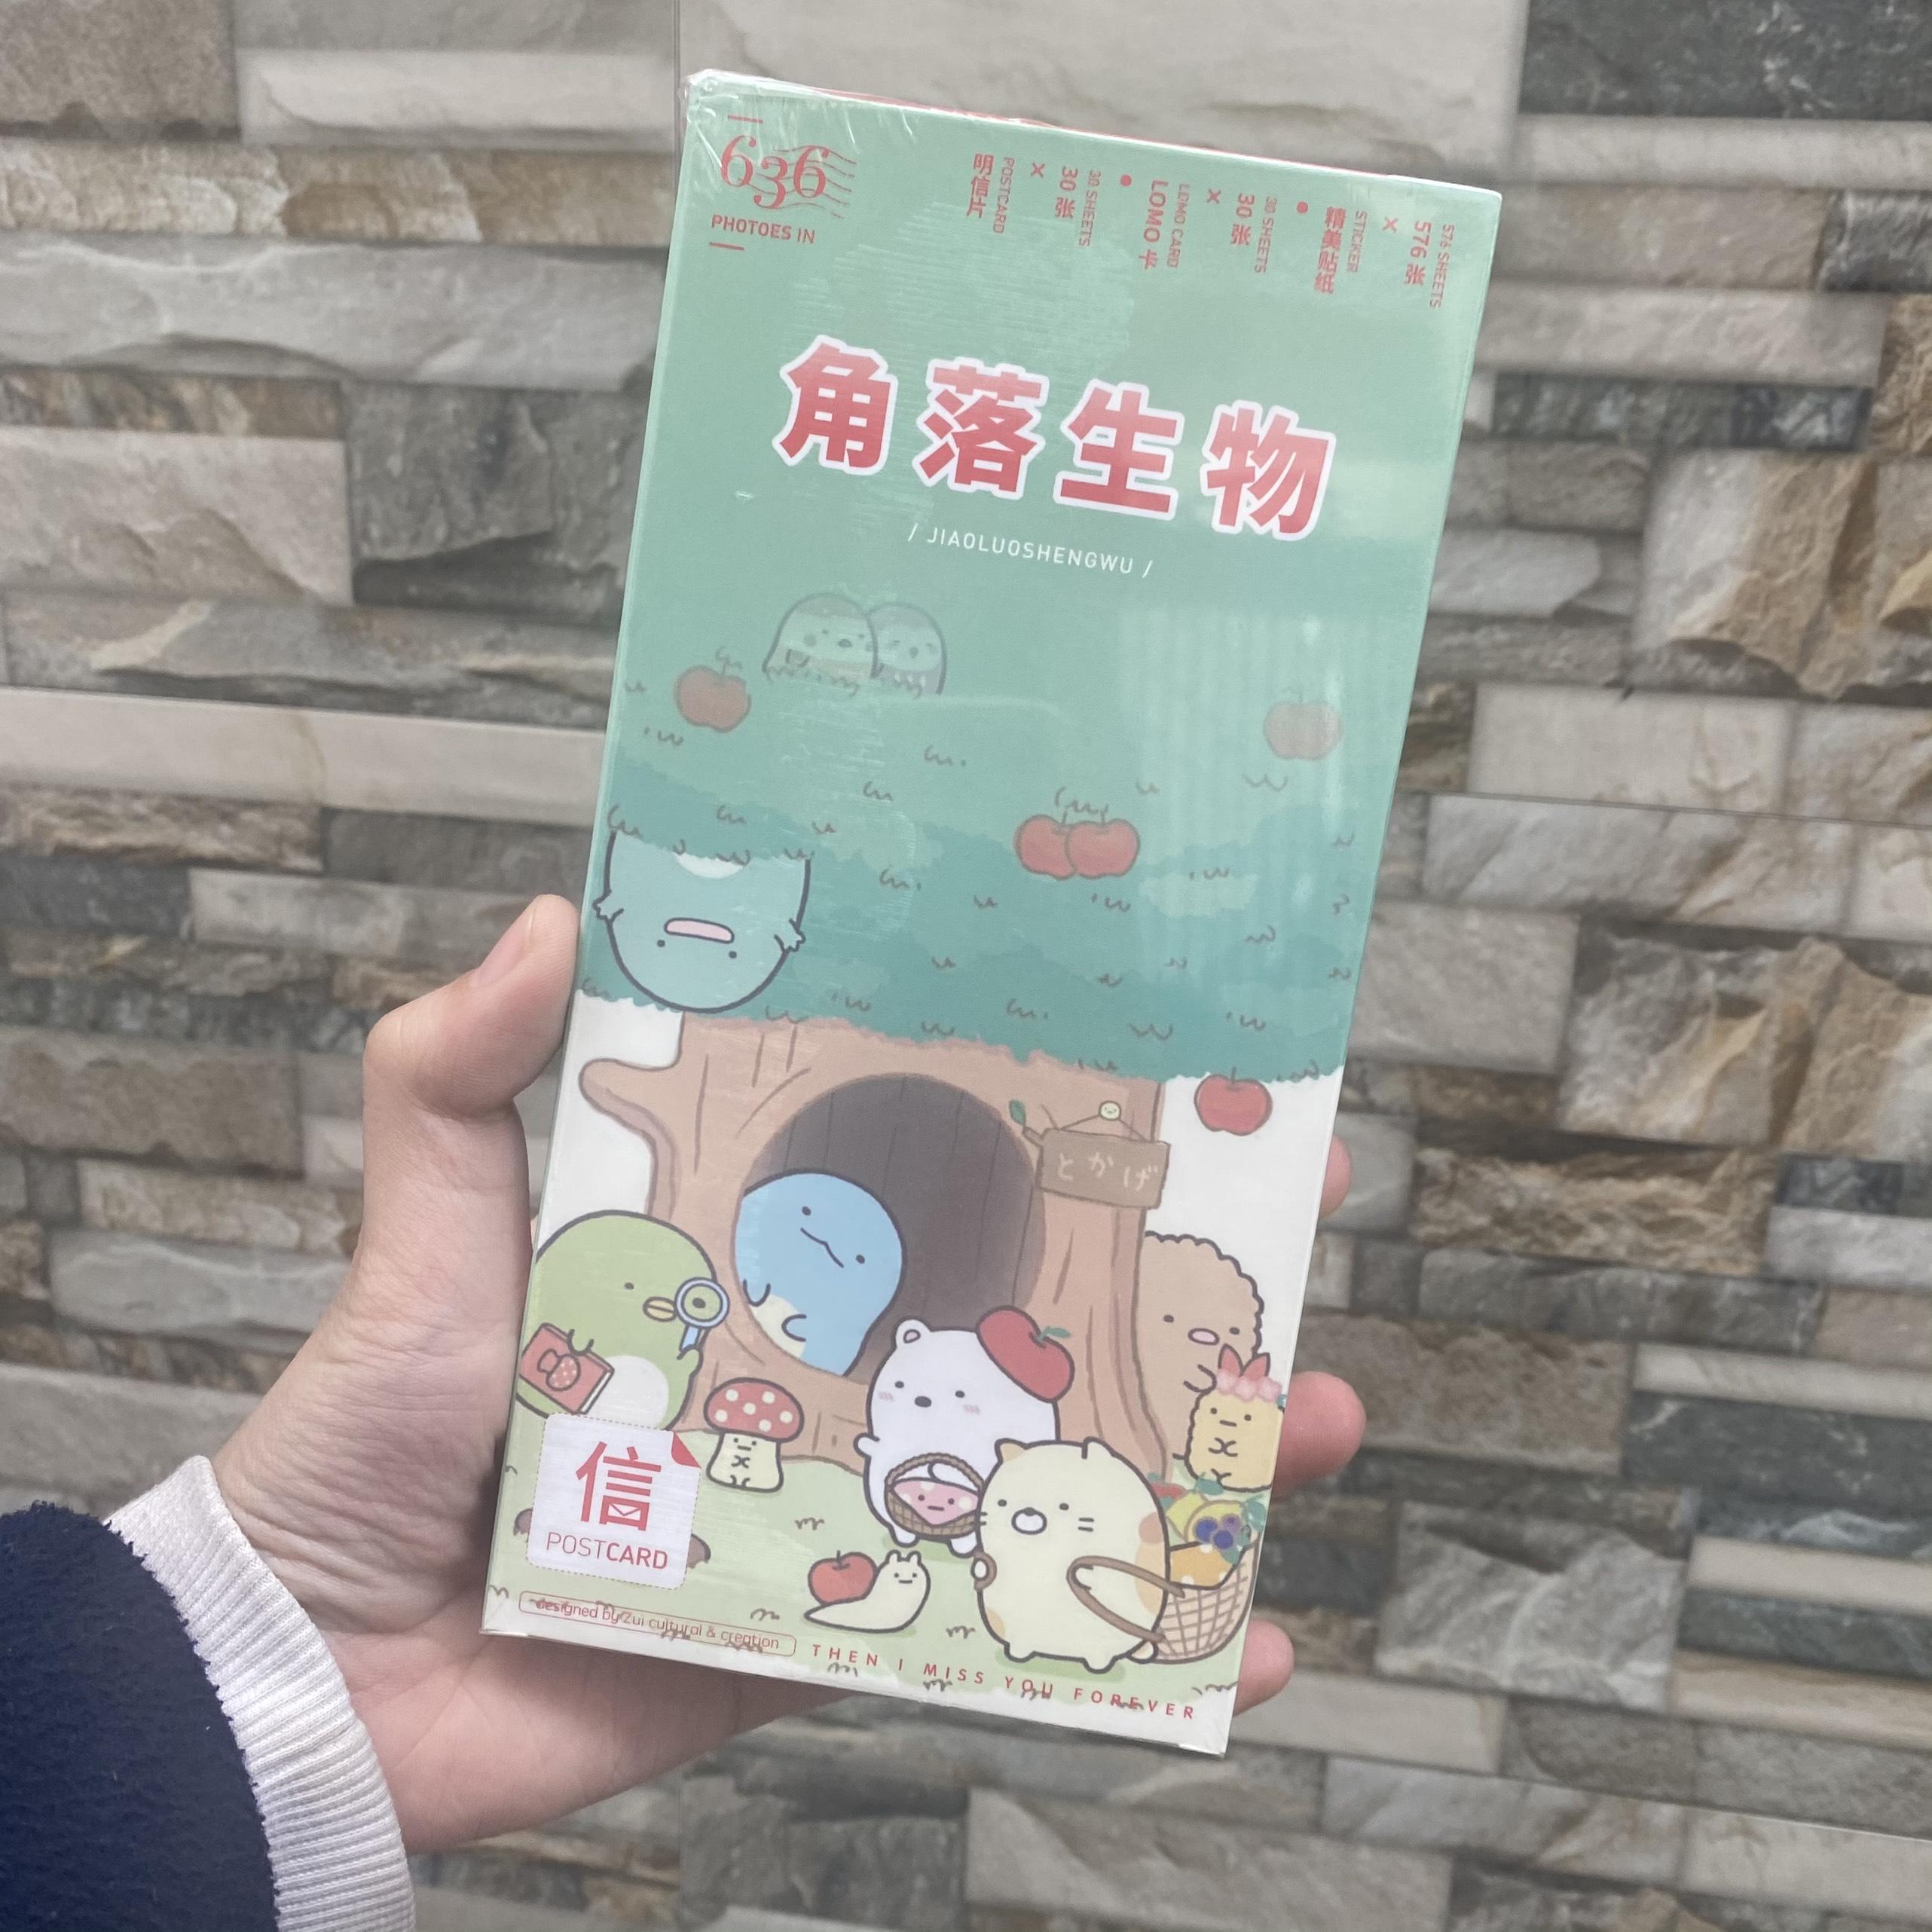 Hộp ảnh postcard in hình JIAOLUO SHENGWU 636 ảnh in hình anime chibi xinh xắn